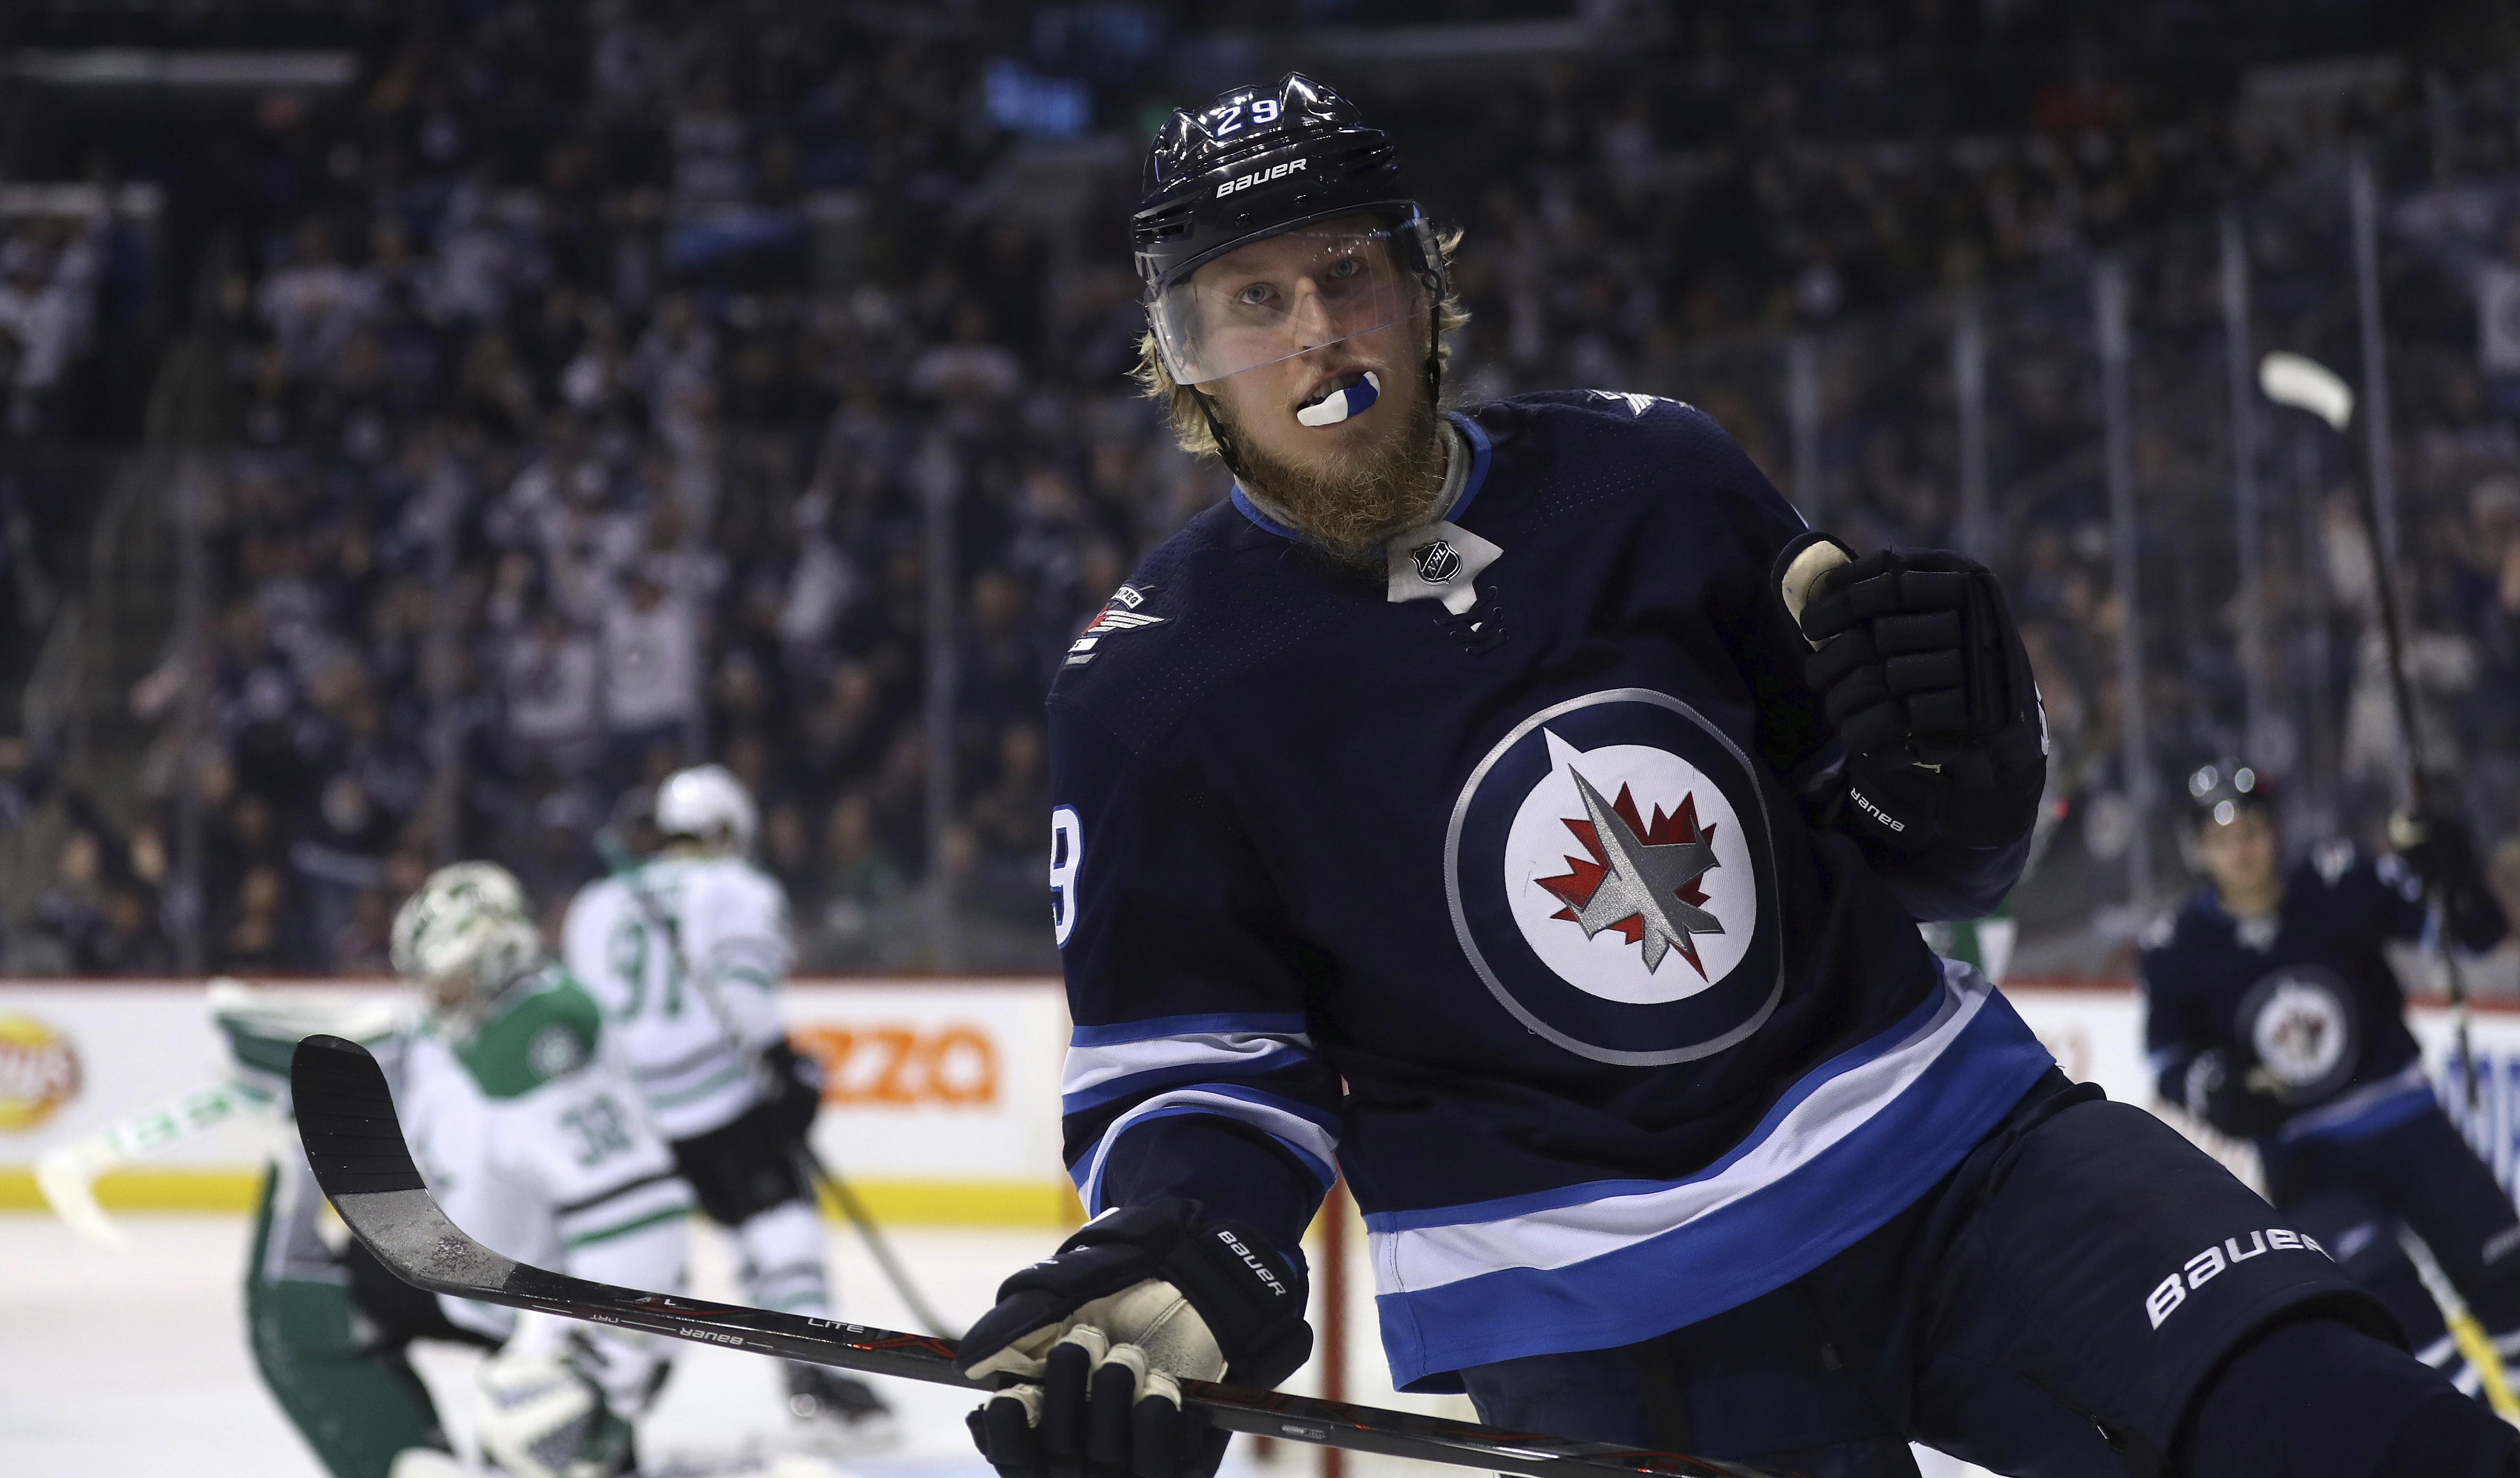 Stars_jets_hockey_68947